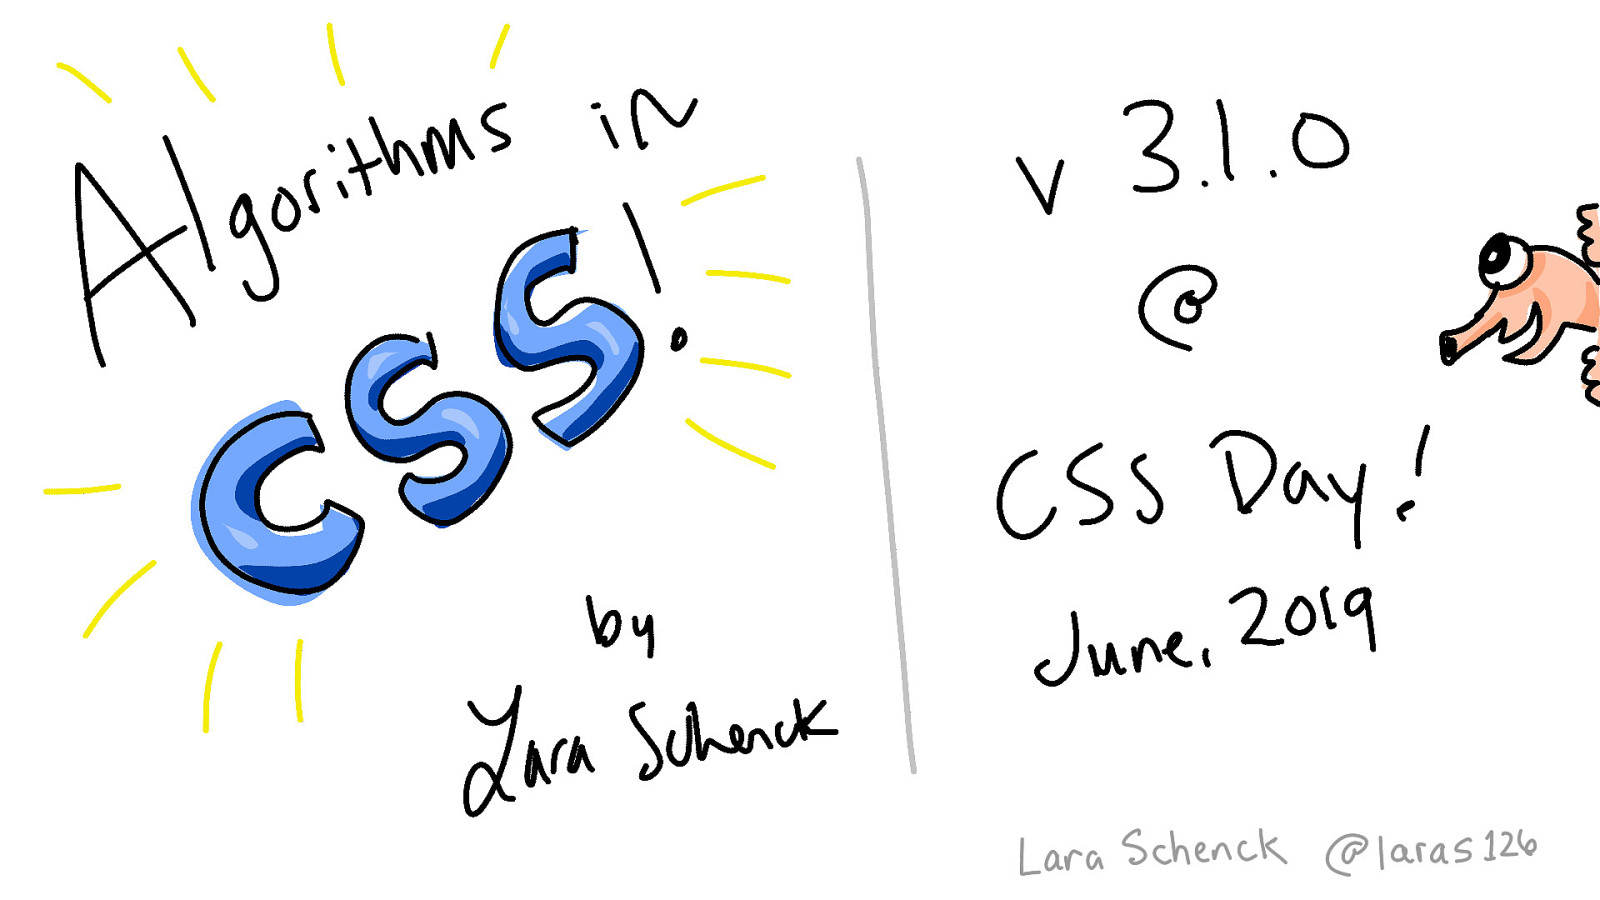 Algorithms in CSS v3.1.0